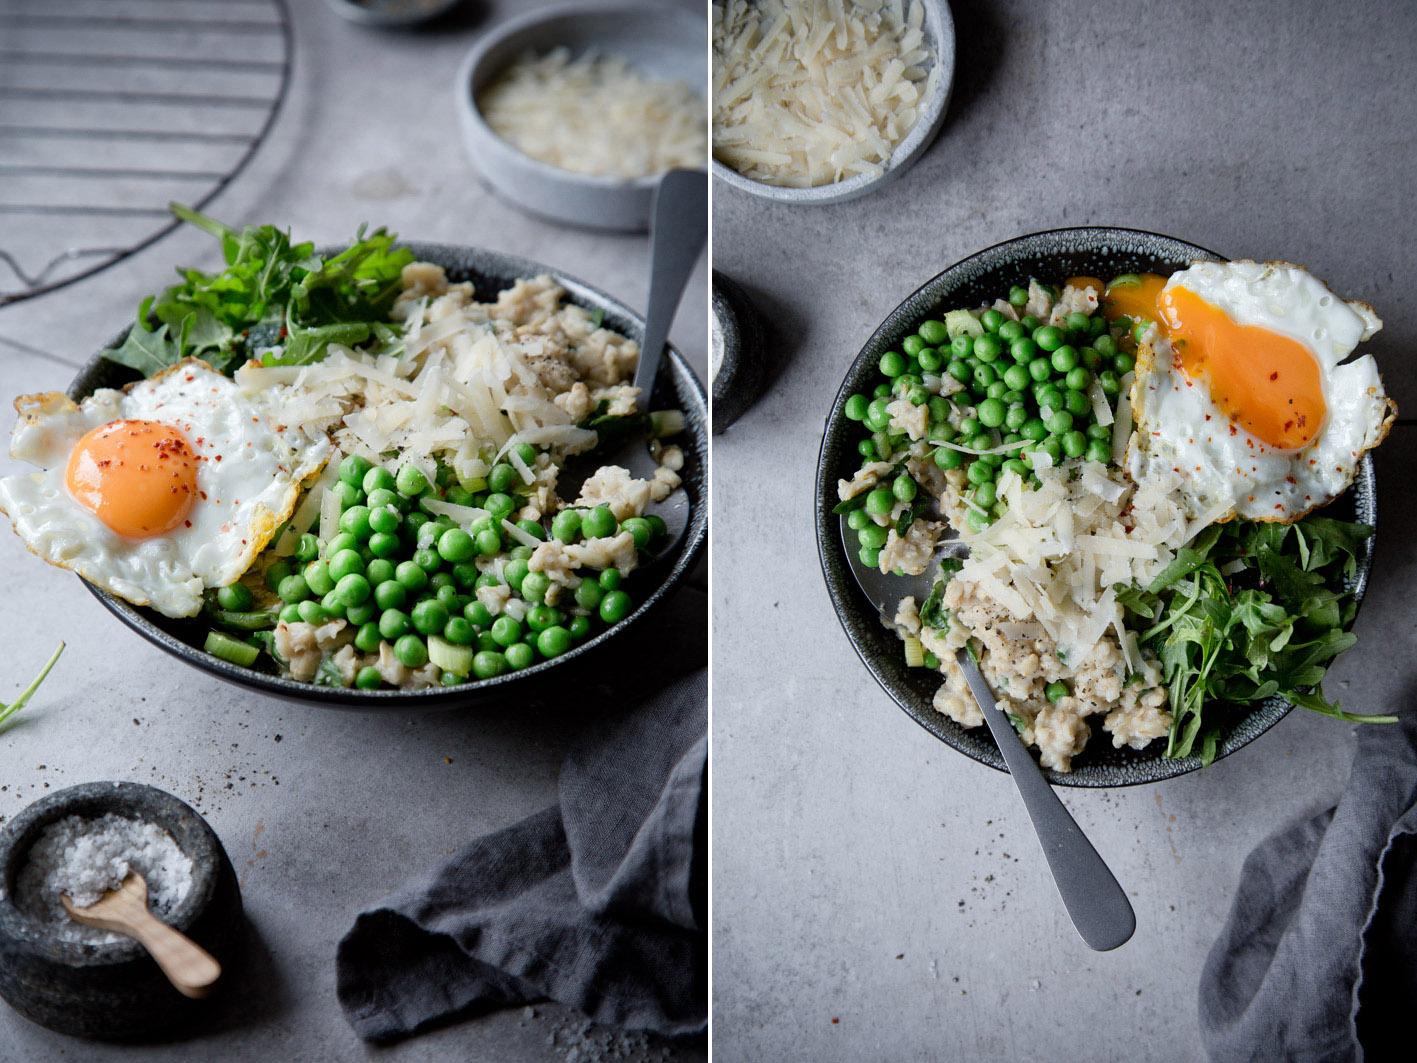 Herzhaftes Oatmeal mit Gemüse